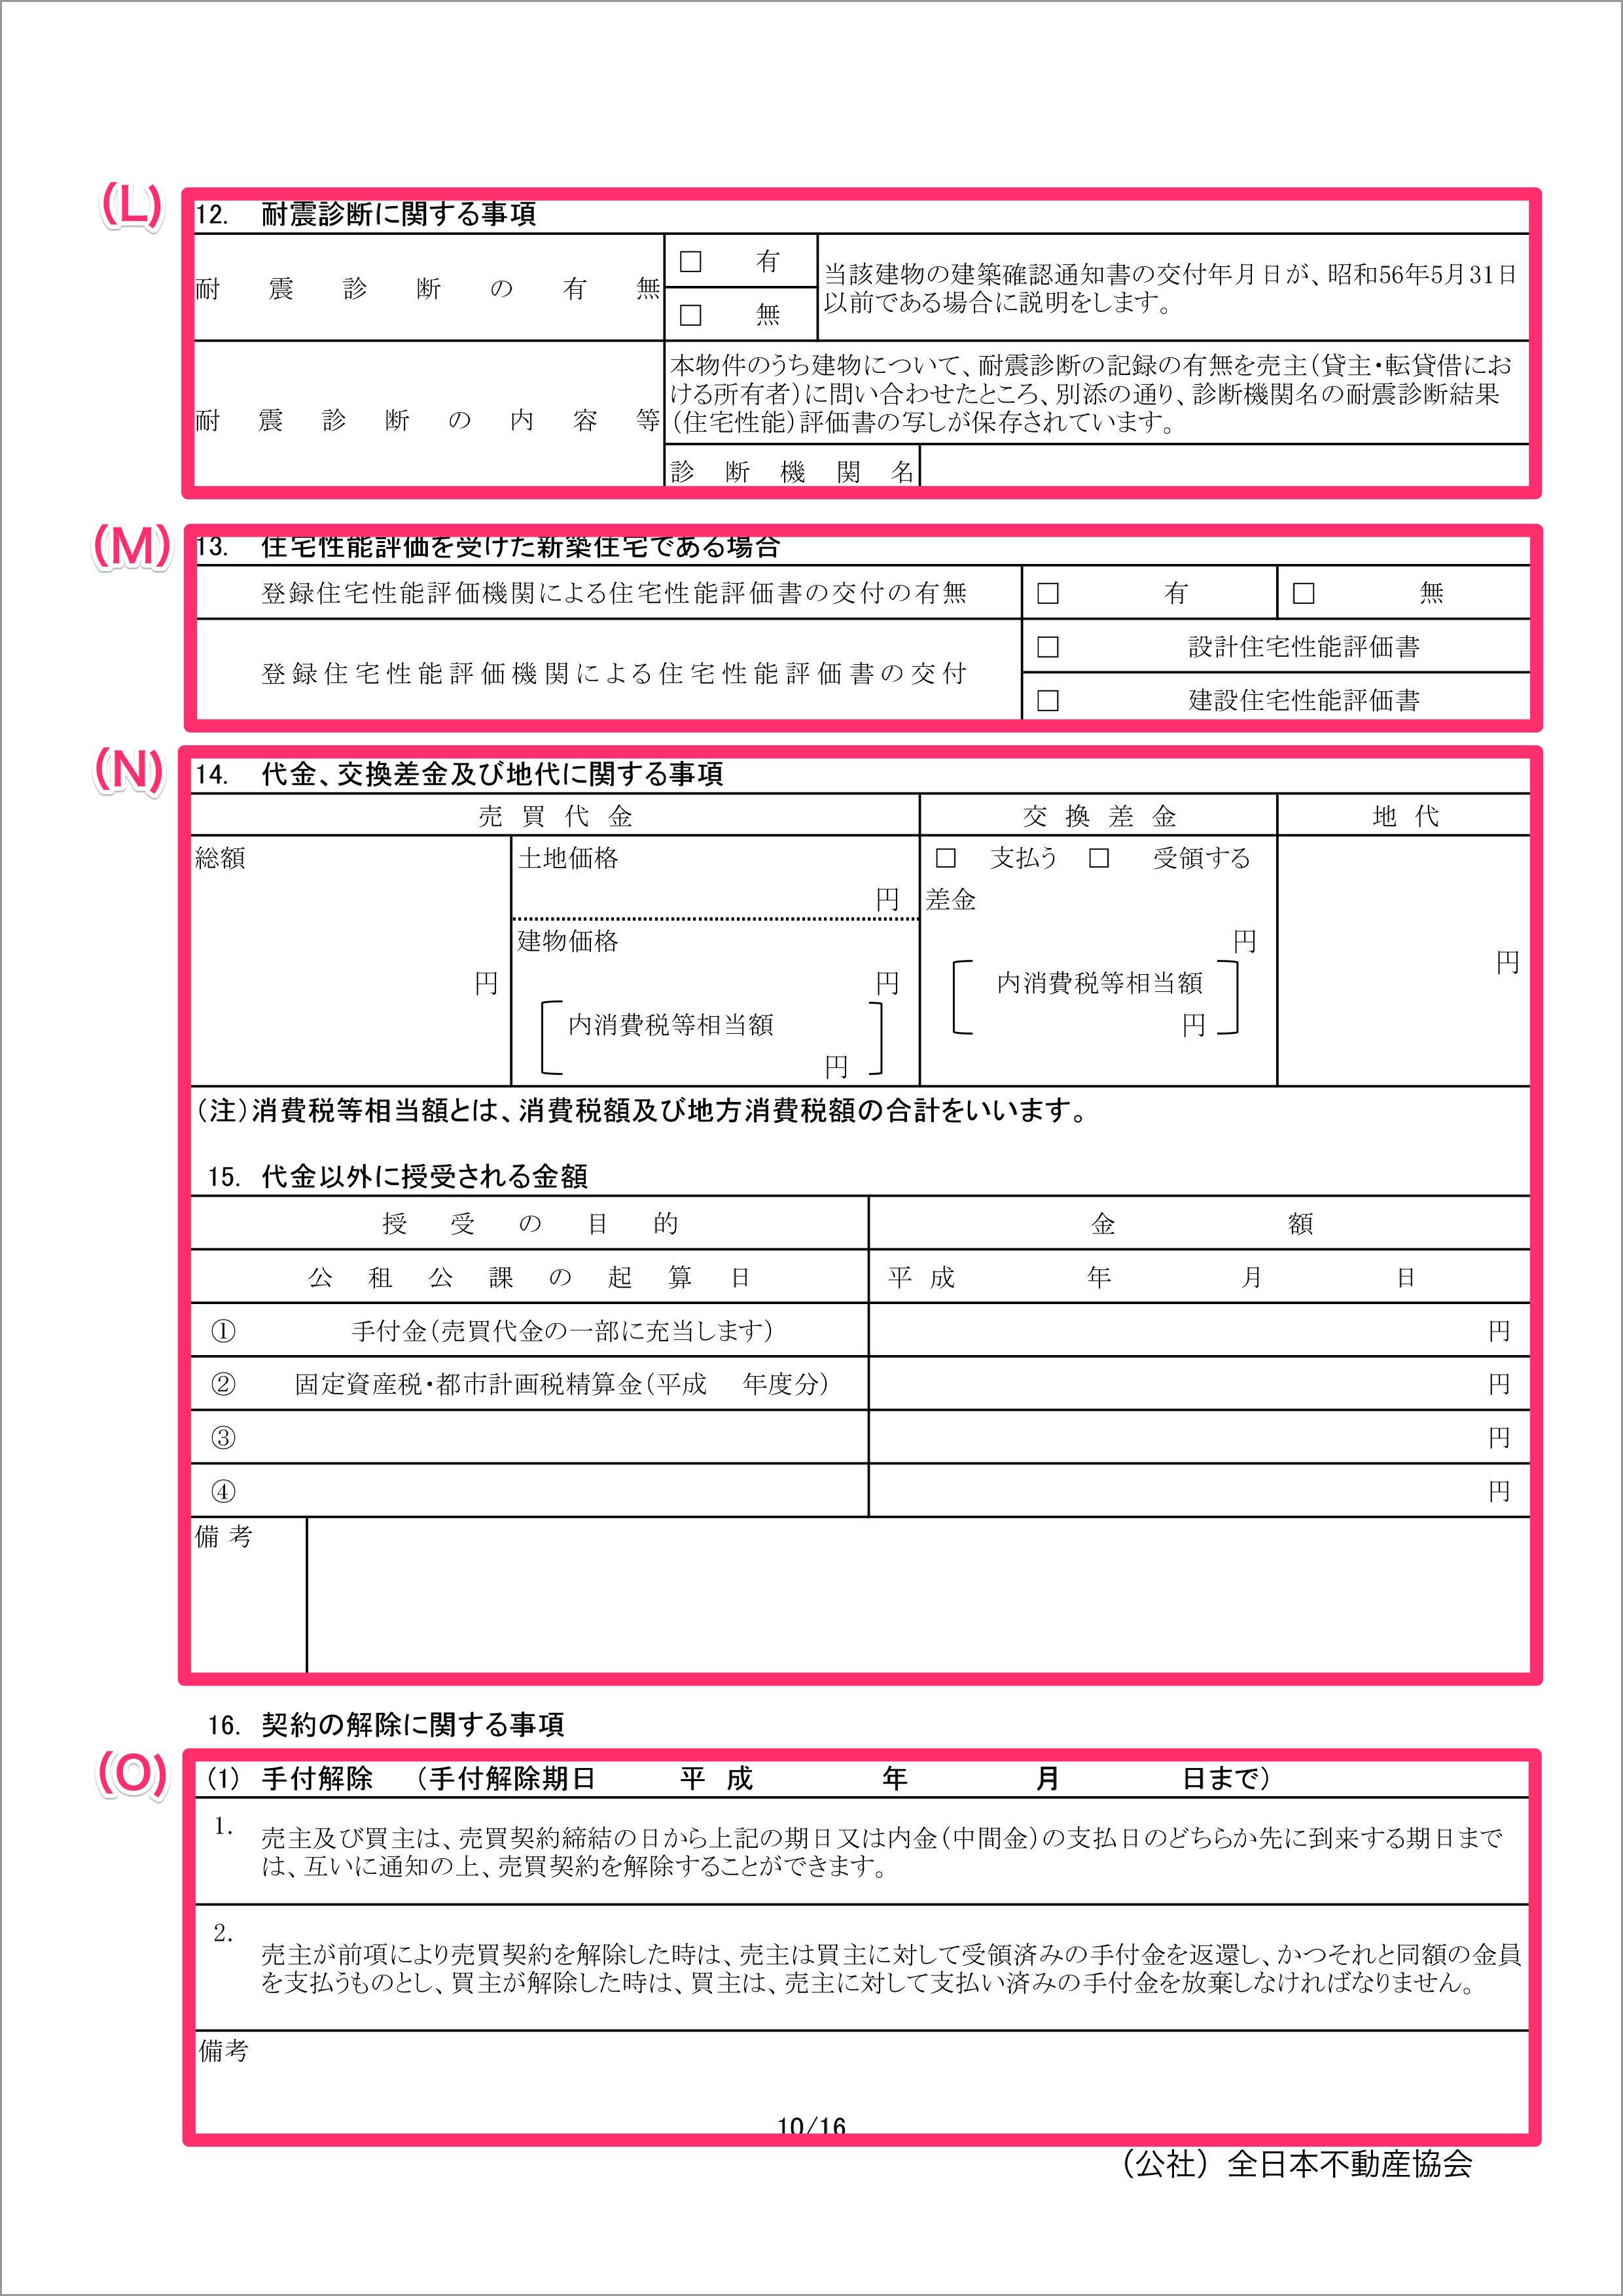 購入時の契約条件に関する重要事項説明について | 公益社団法人 全日本不動産協会